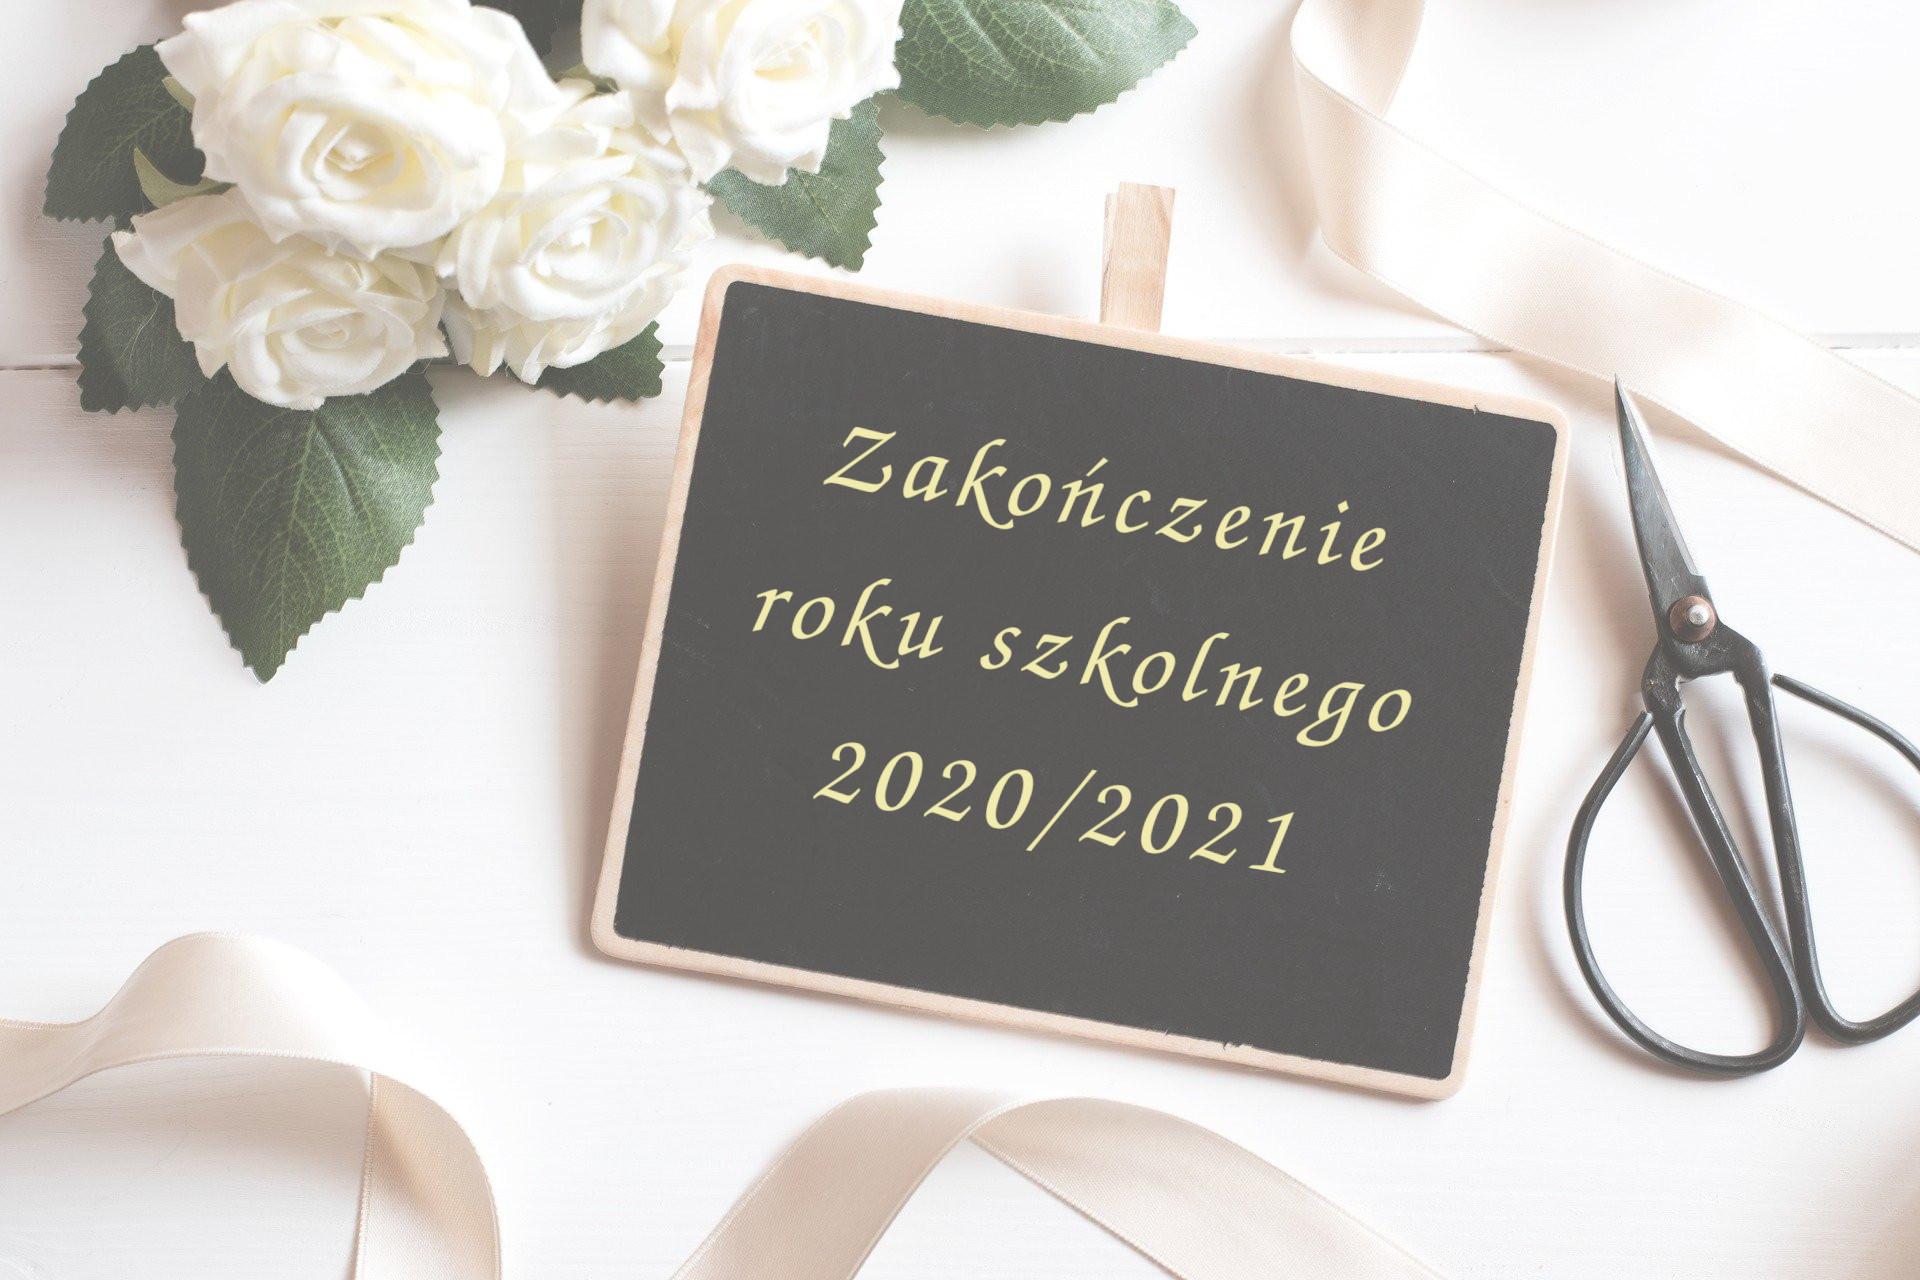 Koniec roku szkolnego 2020/2021